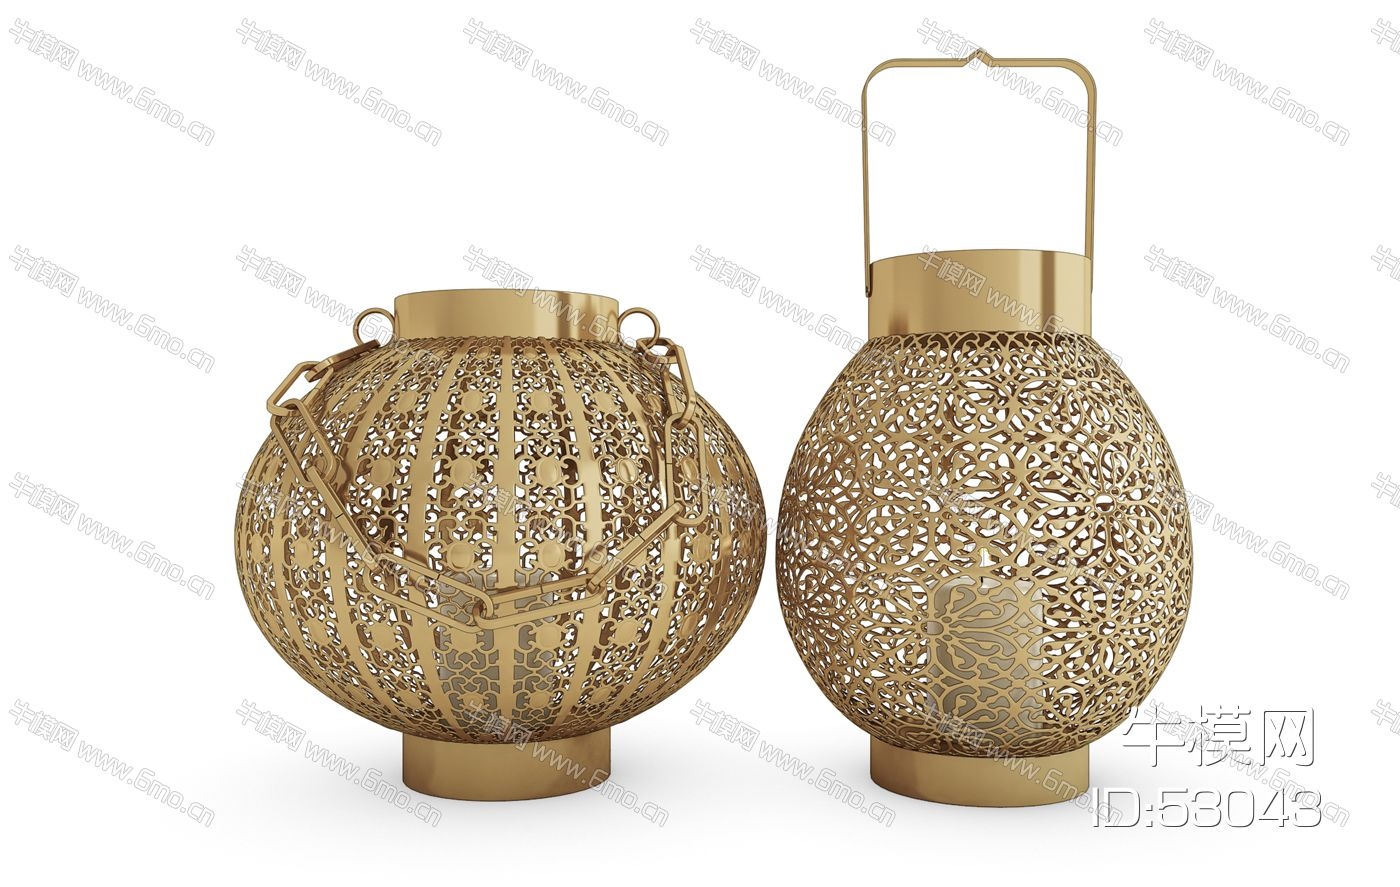 中式金属镂空灯笼烛台灯落地灯